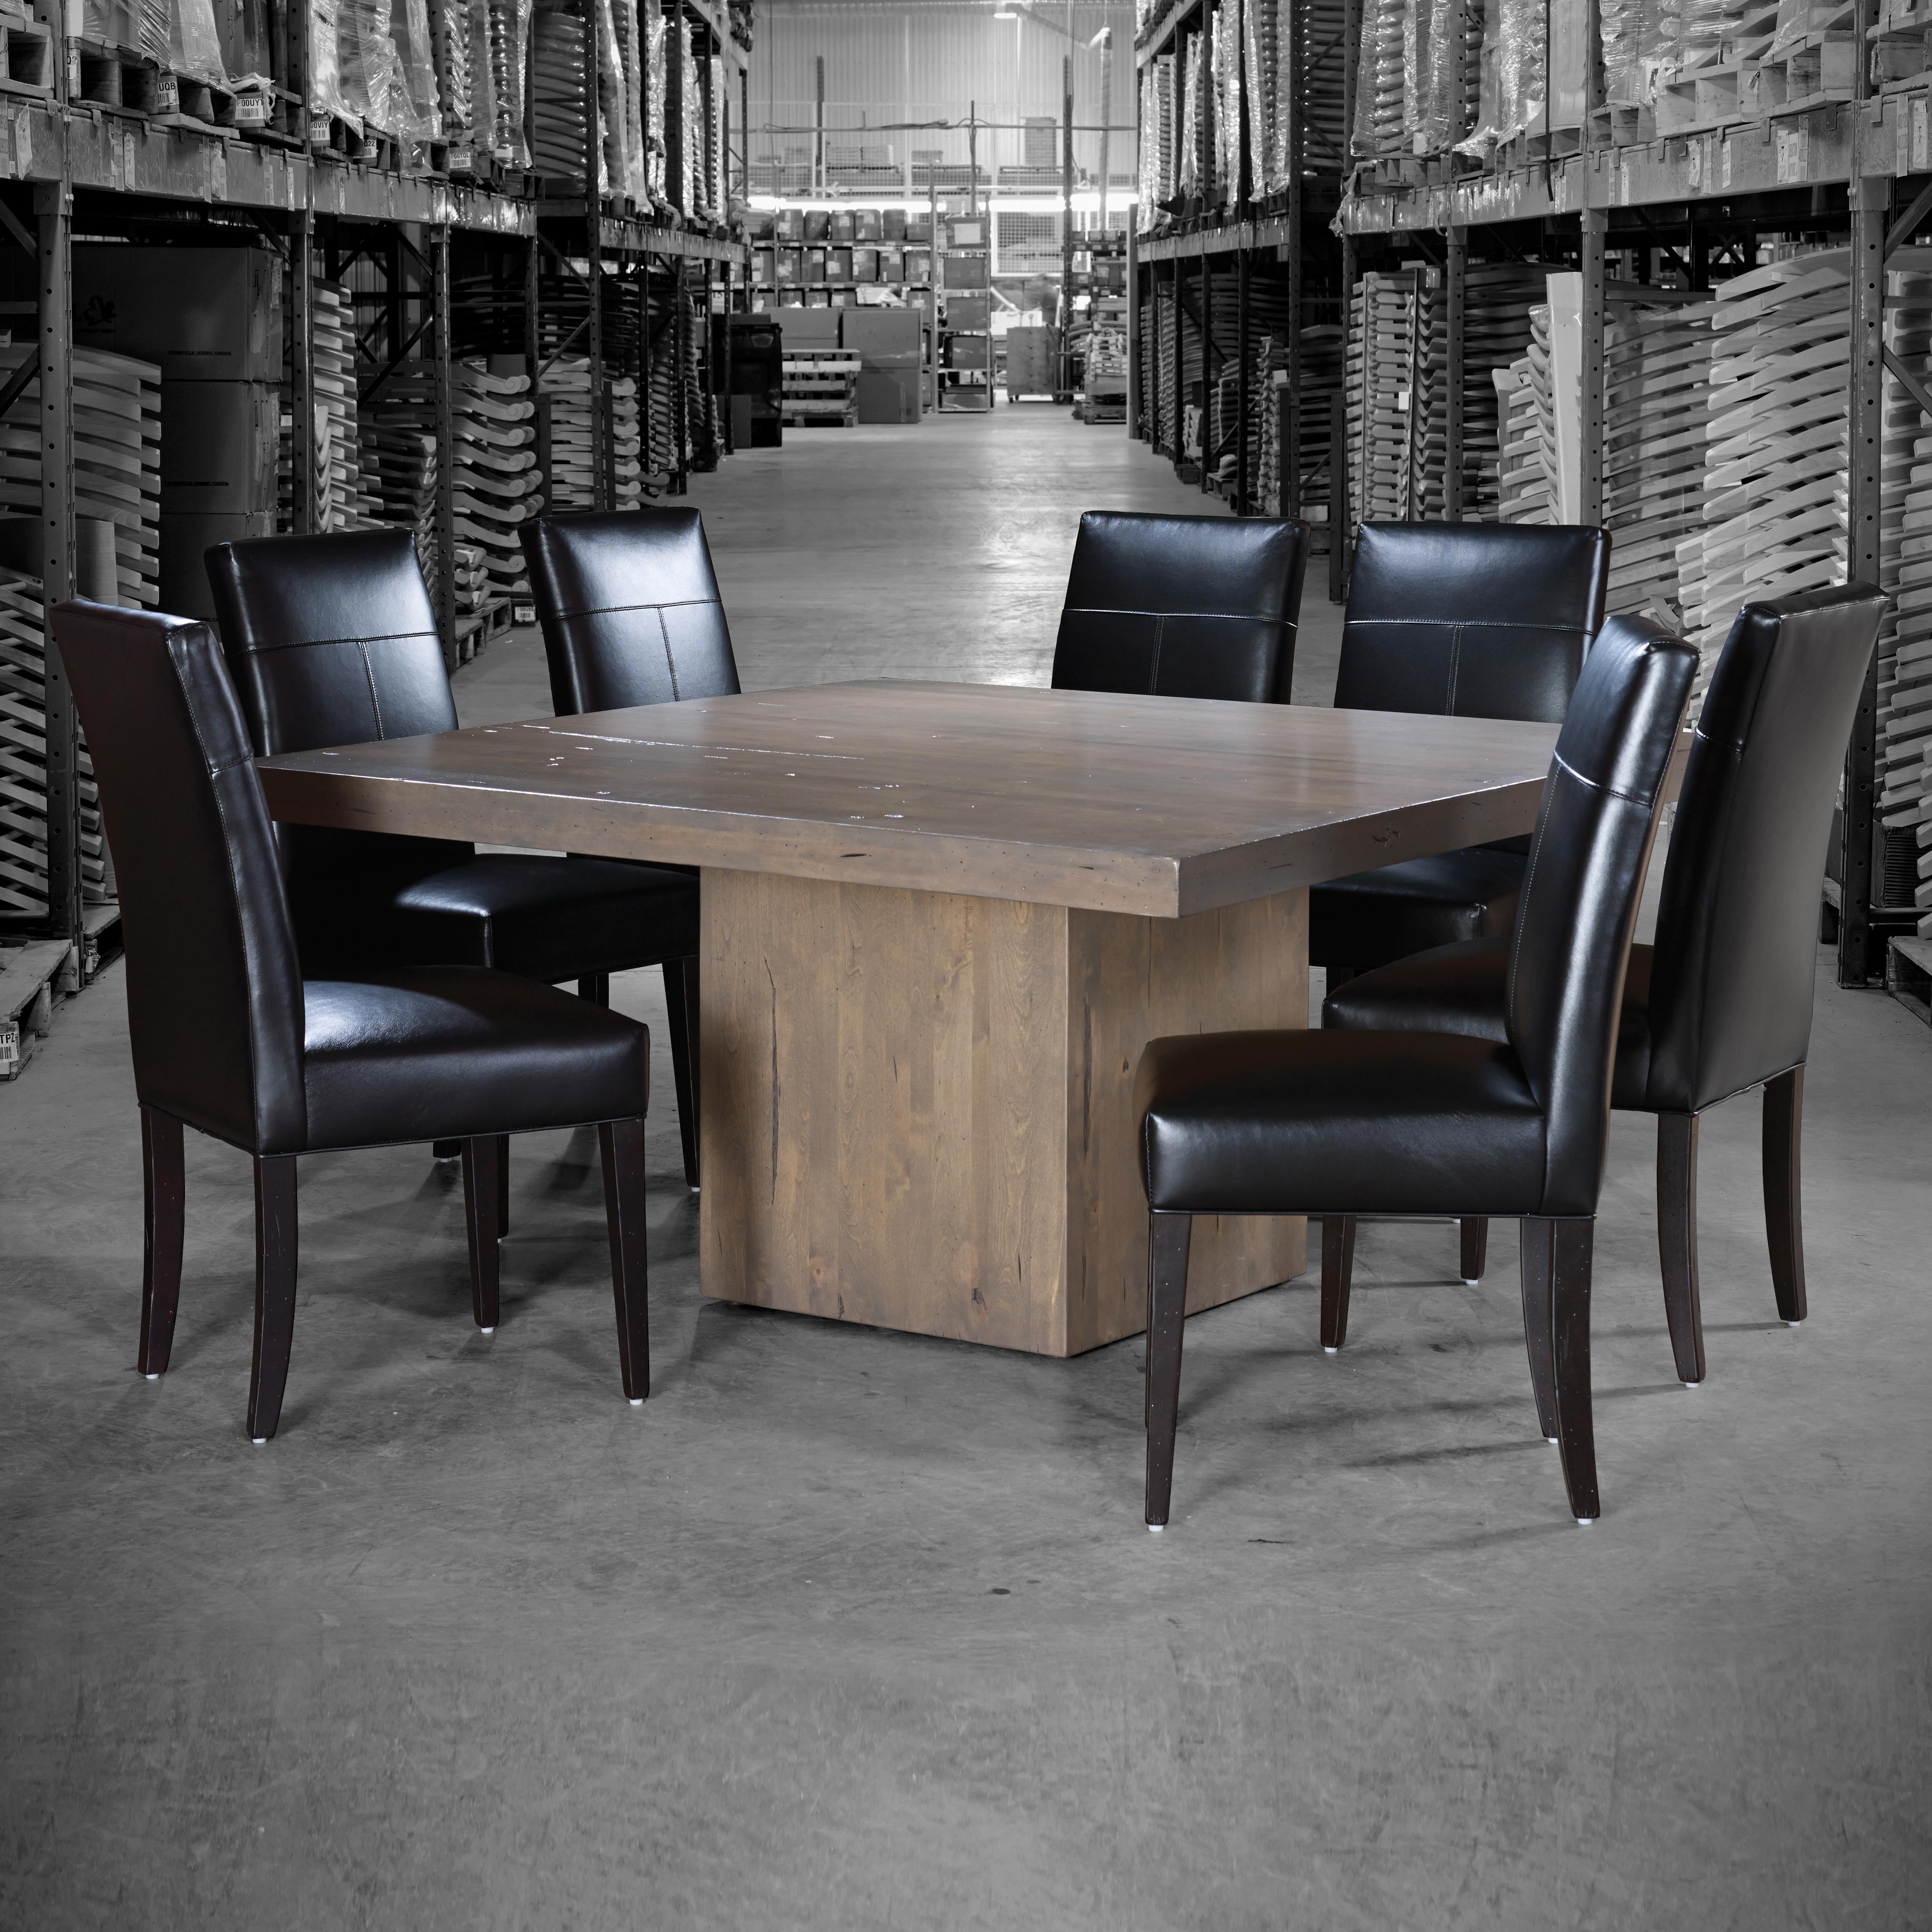 Customizable Square Table Set